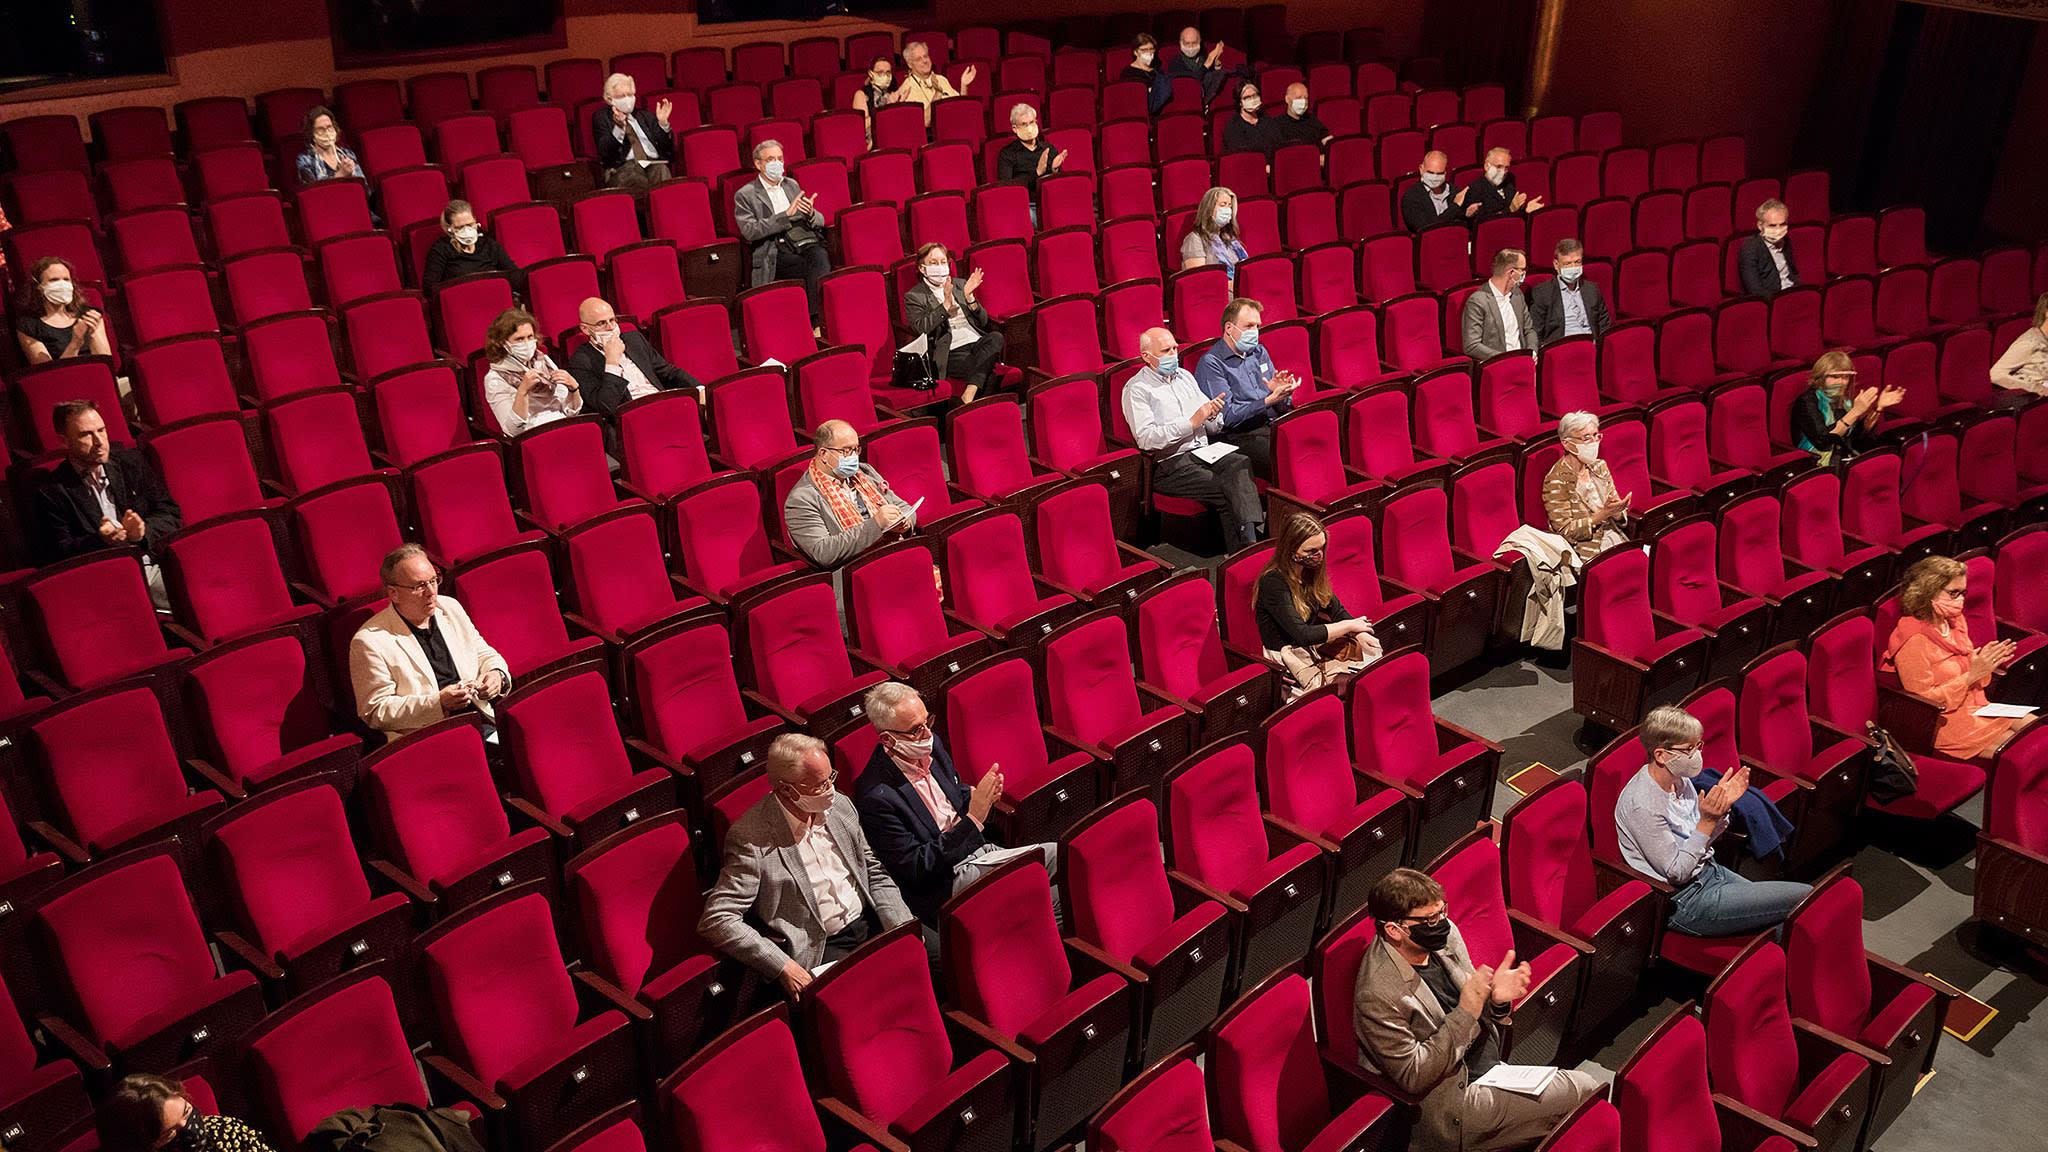 Με ποια πρωτόκολλα ανοίγουν θέατρα, κινηματογράφοι και μουσικές σκηνές